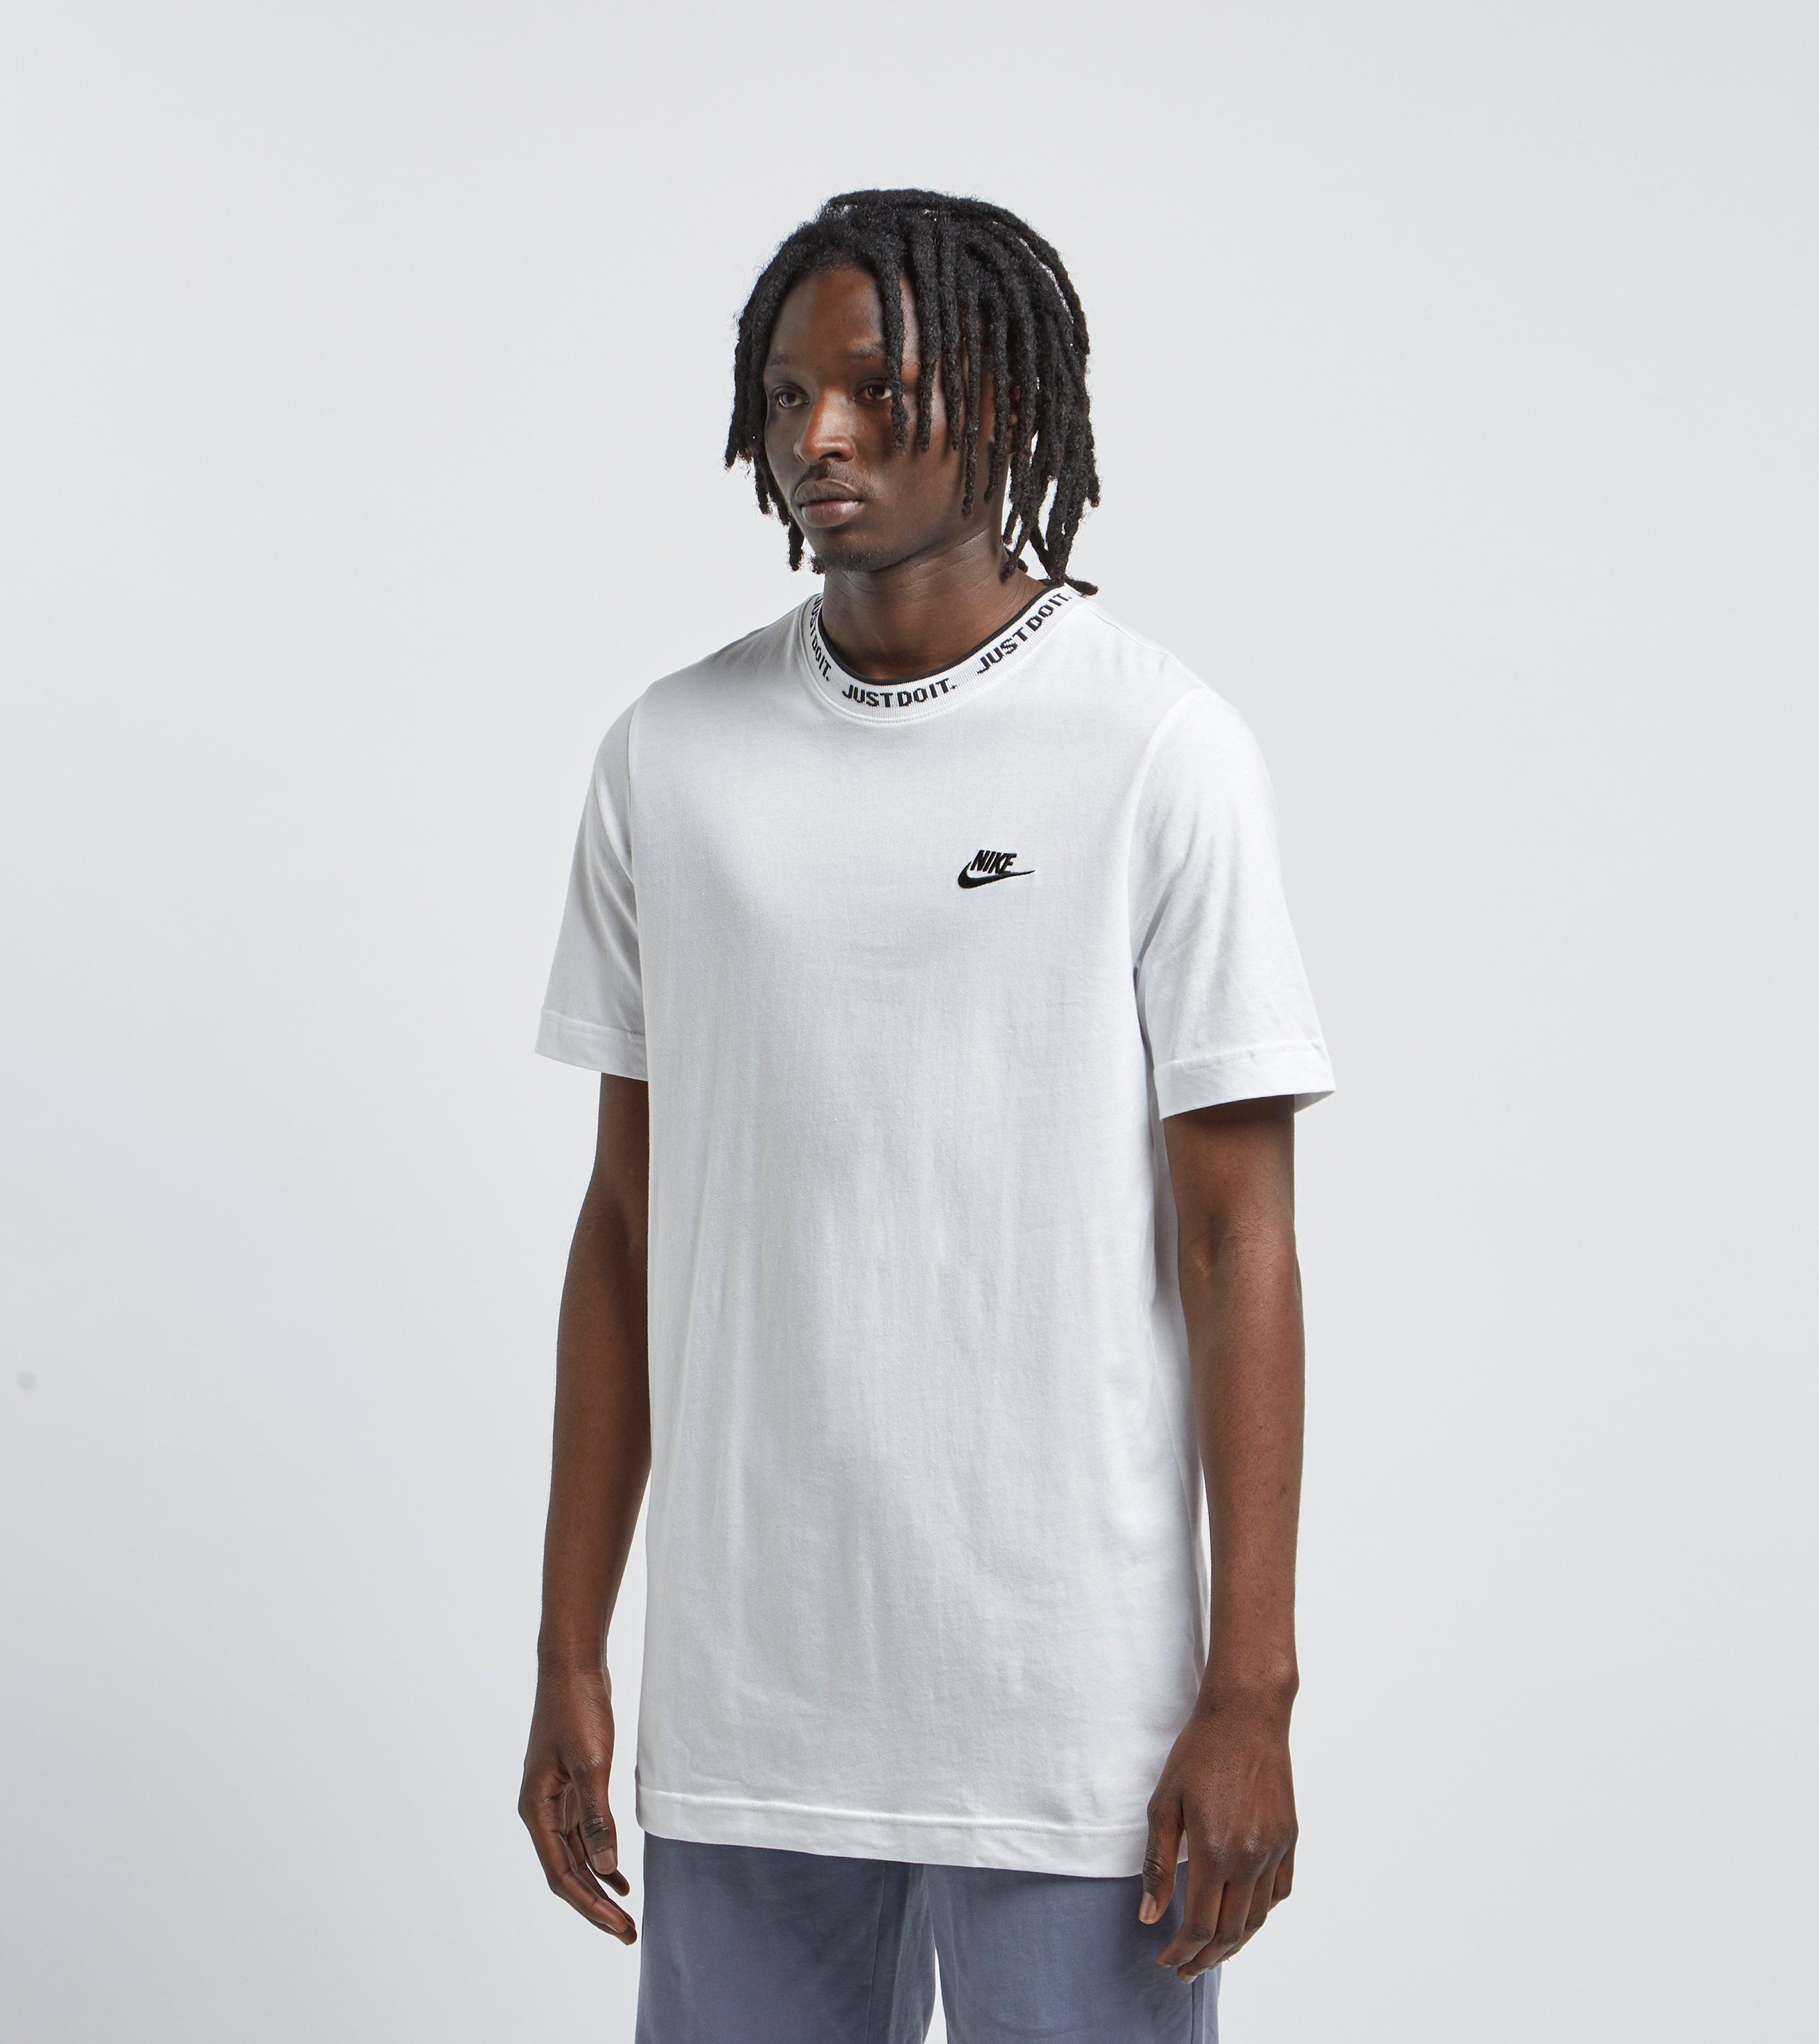 ed1eaa4b9c2b3 Men's White Just Do It Neck Short Sleeve T-shirt